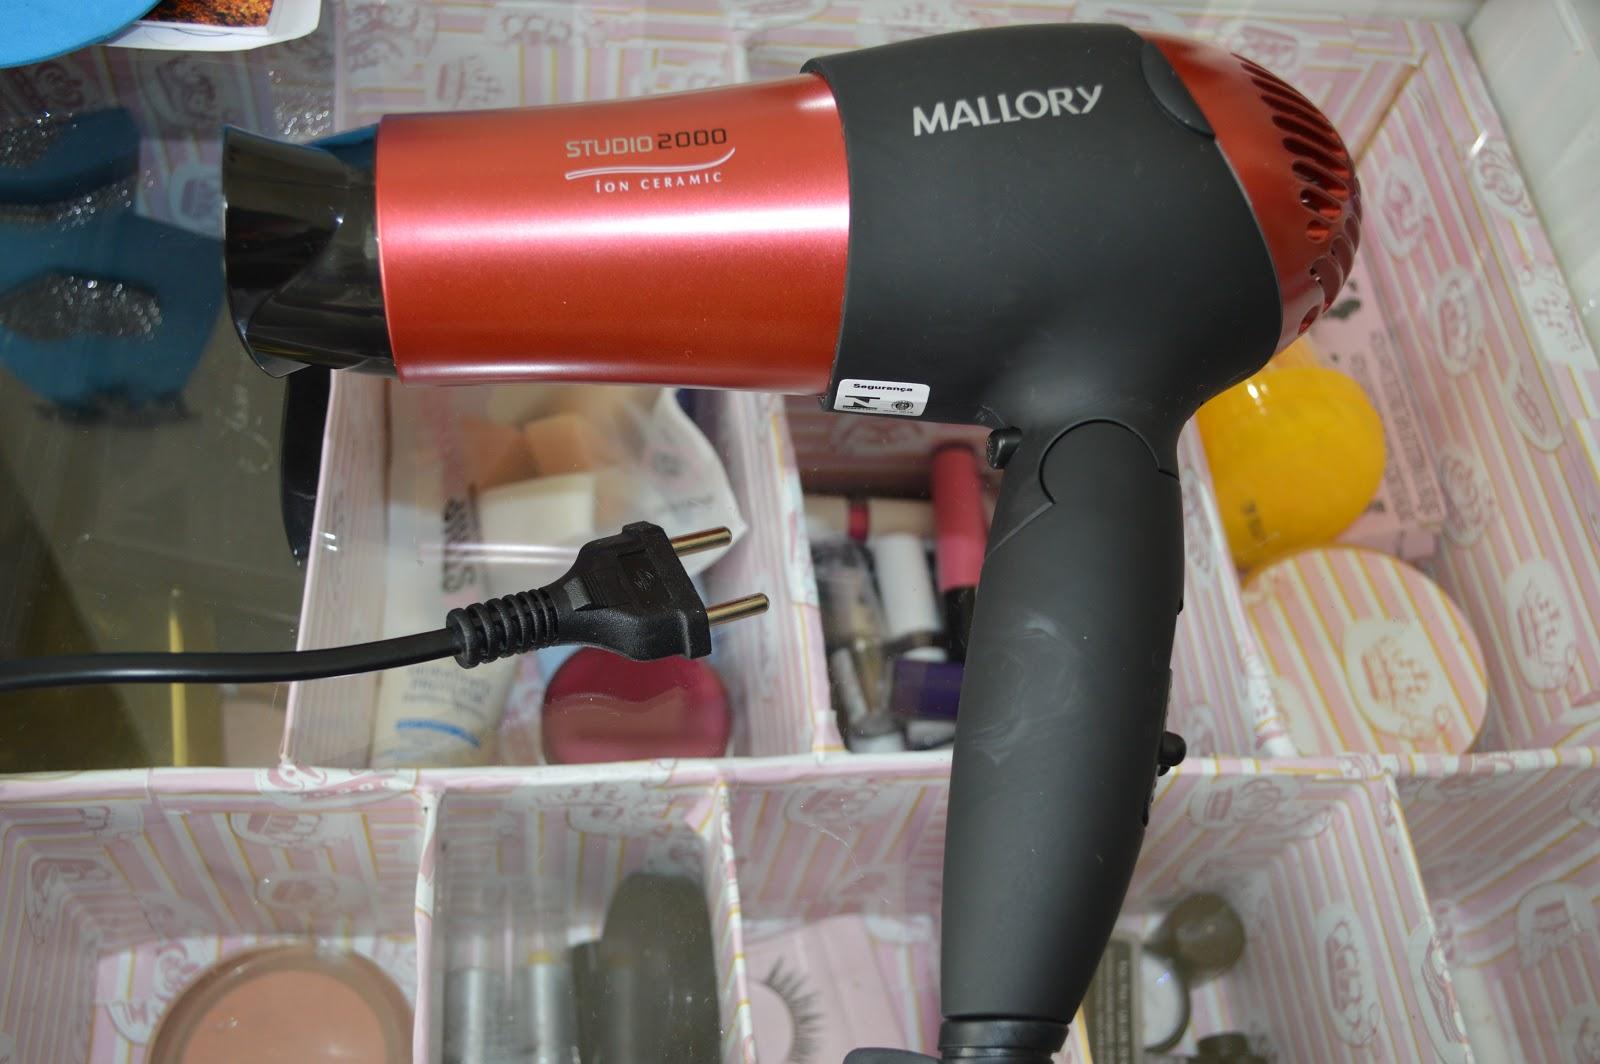 94379af83 Então na minha opinião ele serve para cabelos curtos e finos, no mais ele  demora muito tempo para secar e não esquenta muito.